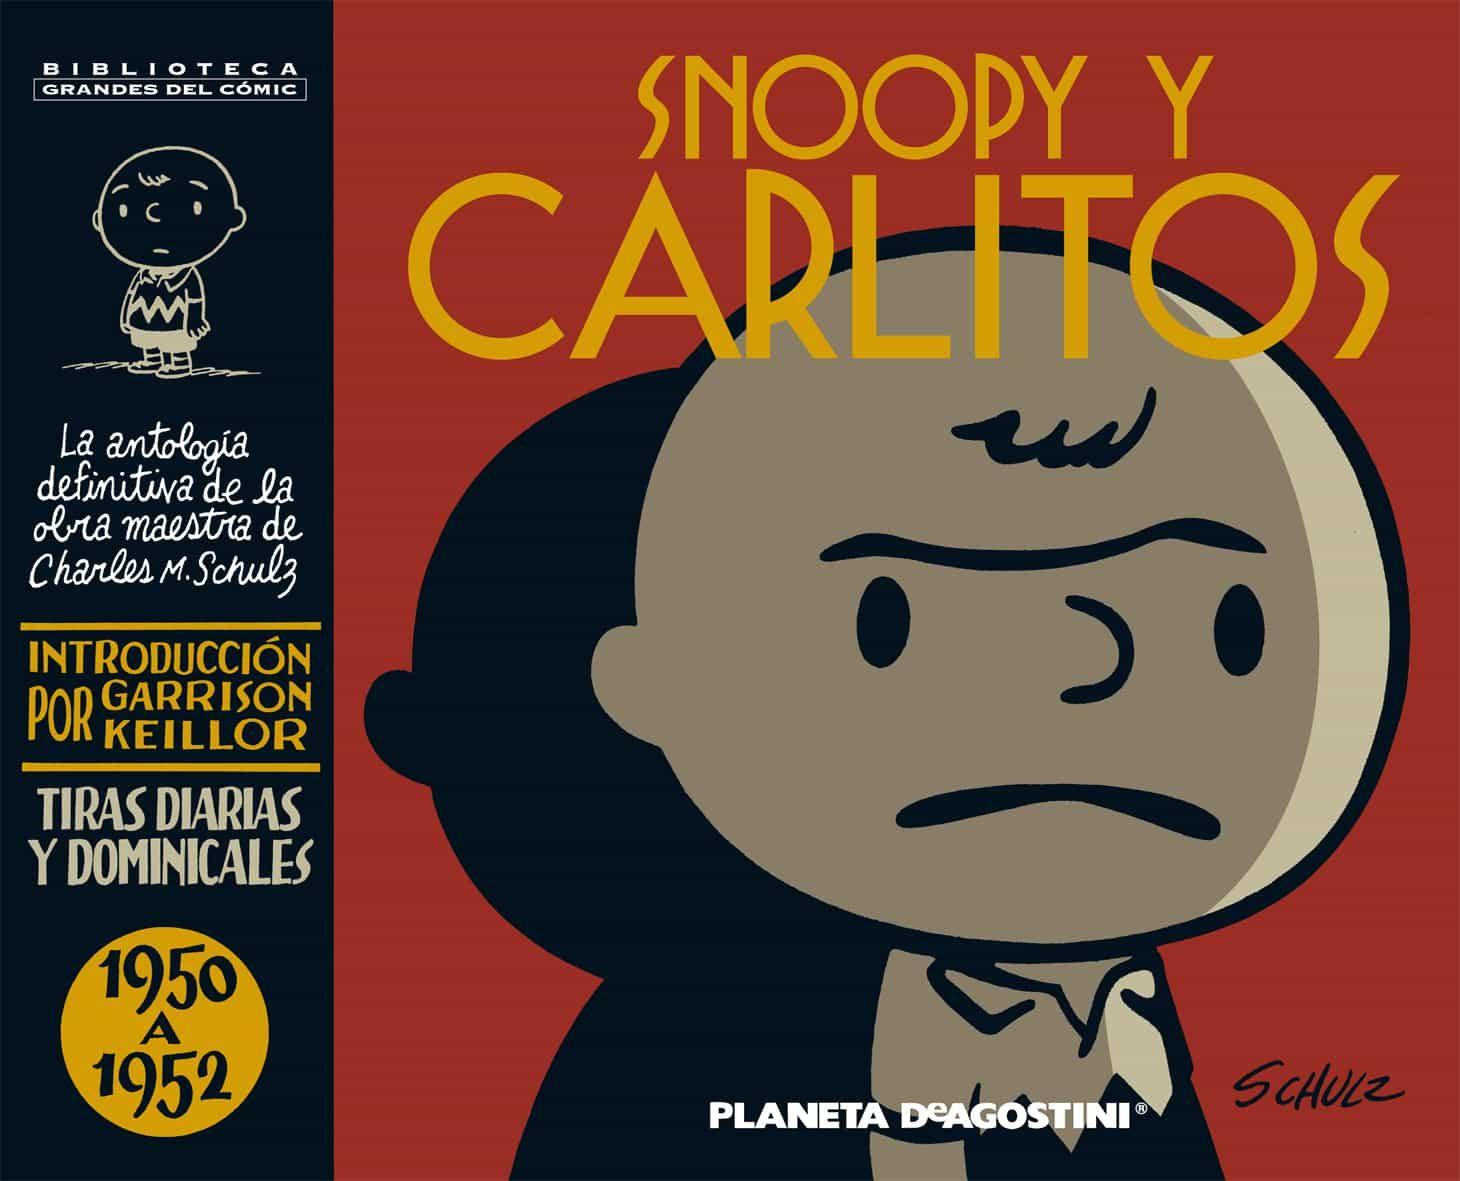 Snoopy Y Carlitos: 1950 A 1952 (vol. 1) por Charles M. Shulz